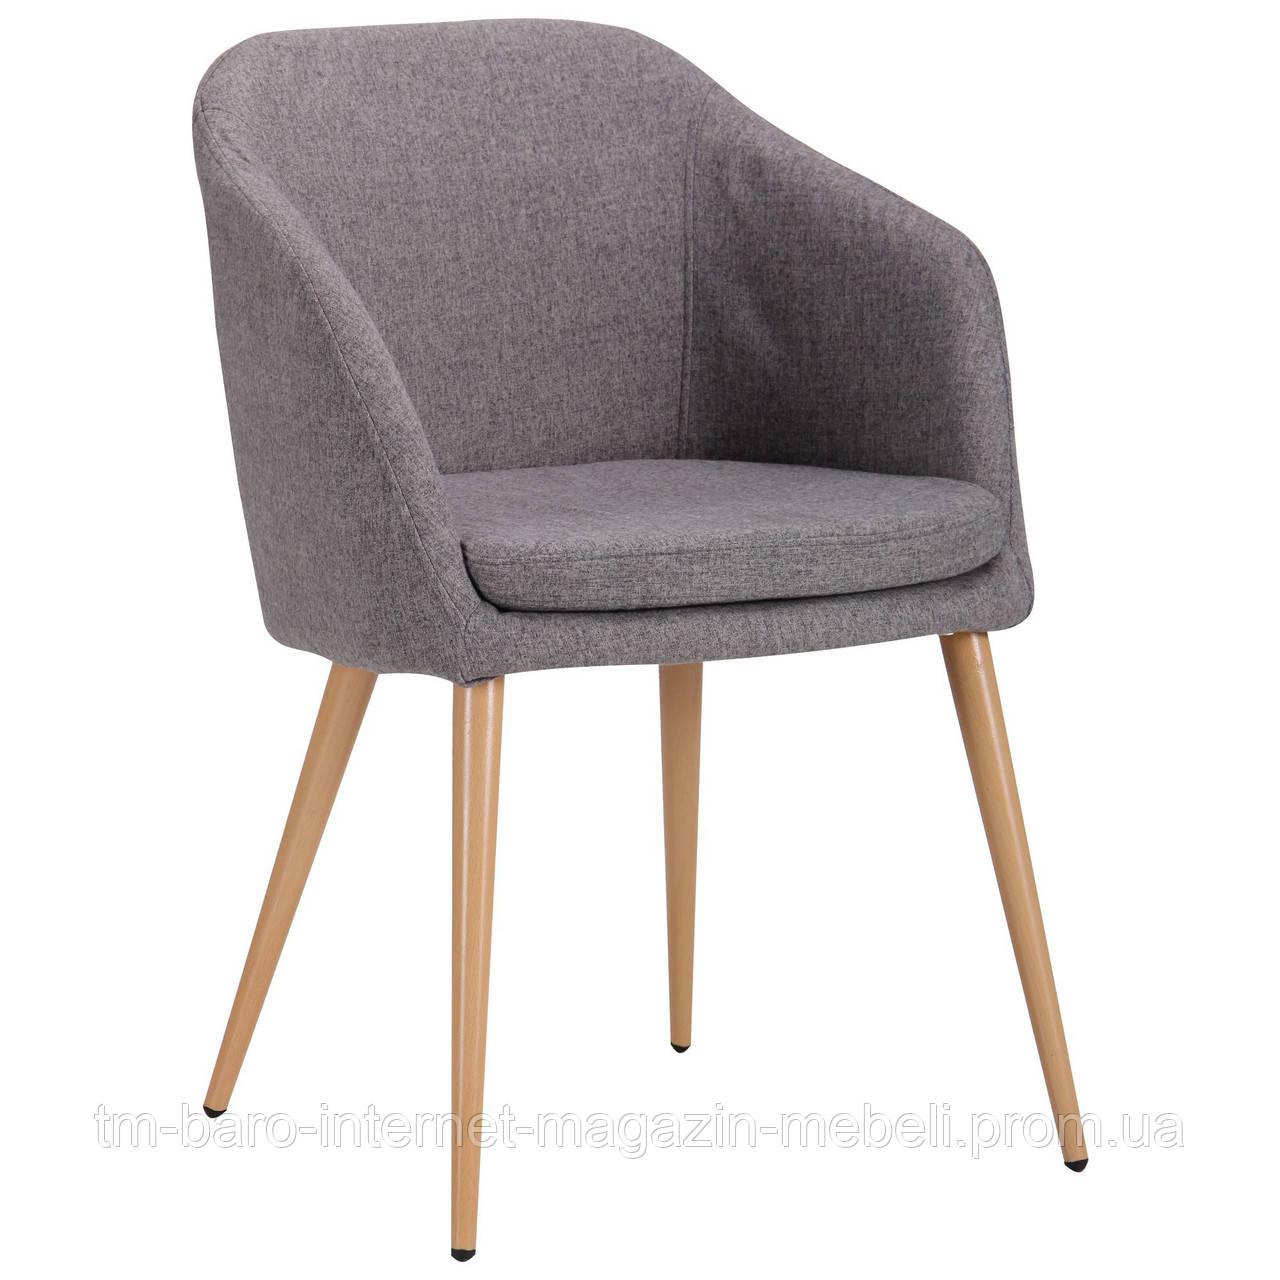 Кресло Франческо DC-1733 бук/серый